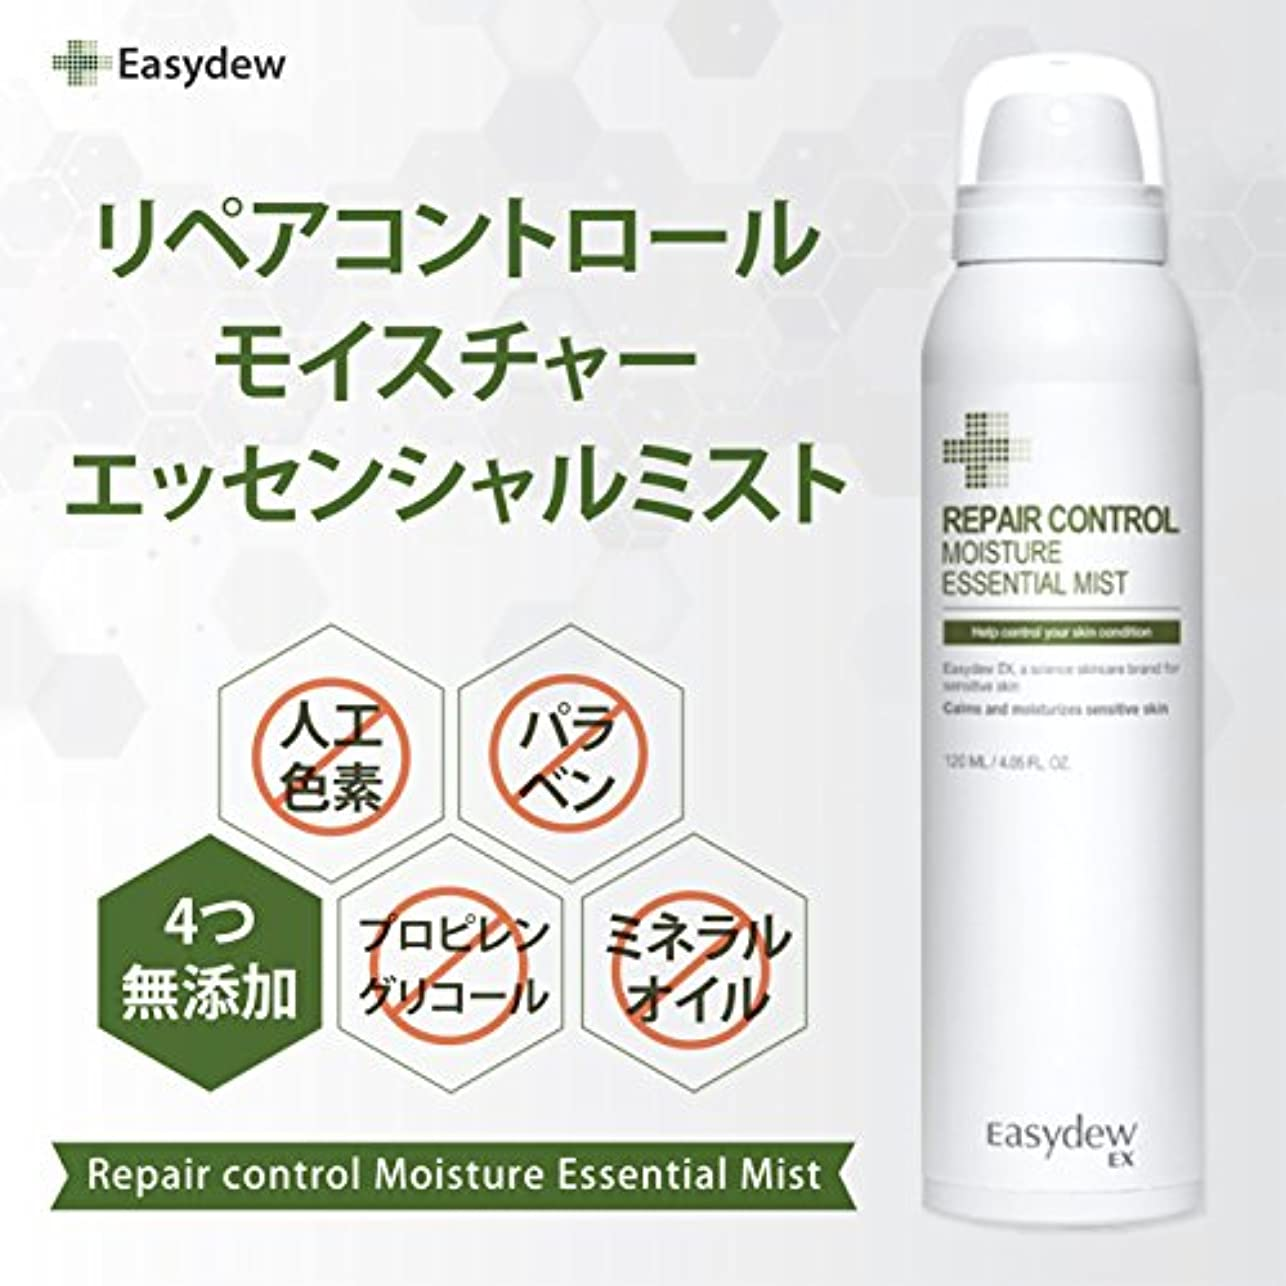 コンサルタント補償パッケージEASYDEW EX リペア コントロール モイスチャー エッセンシャル ミスト Repair Control Moisture Essential Mist 120ml